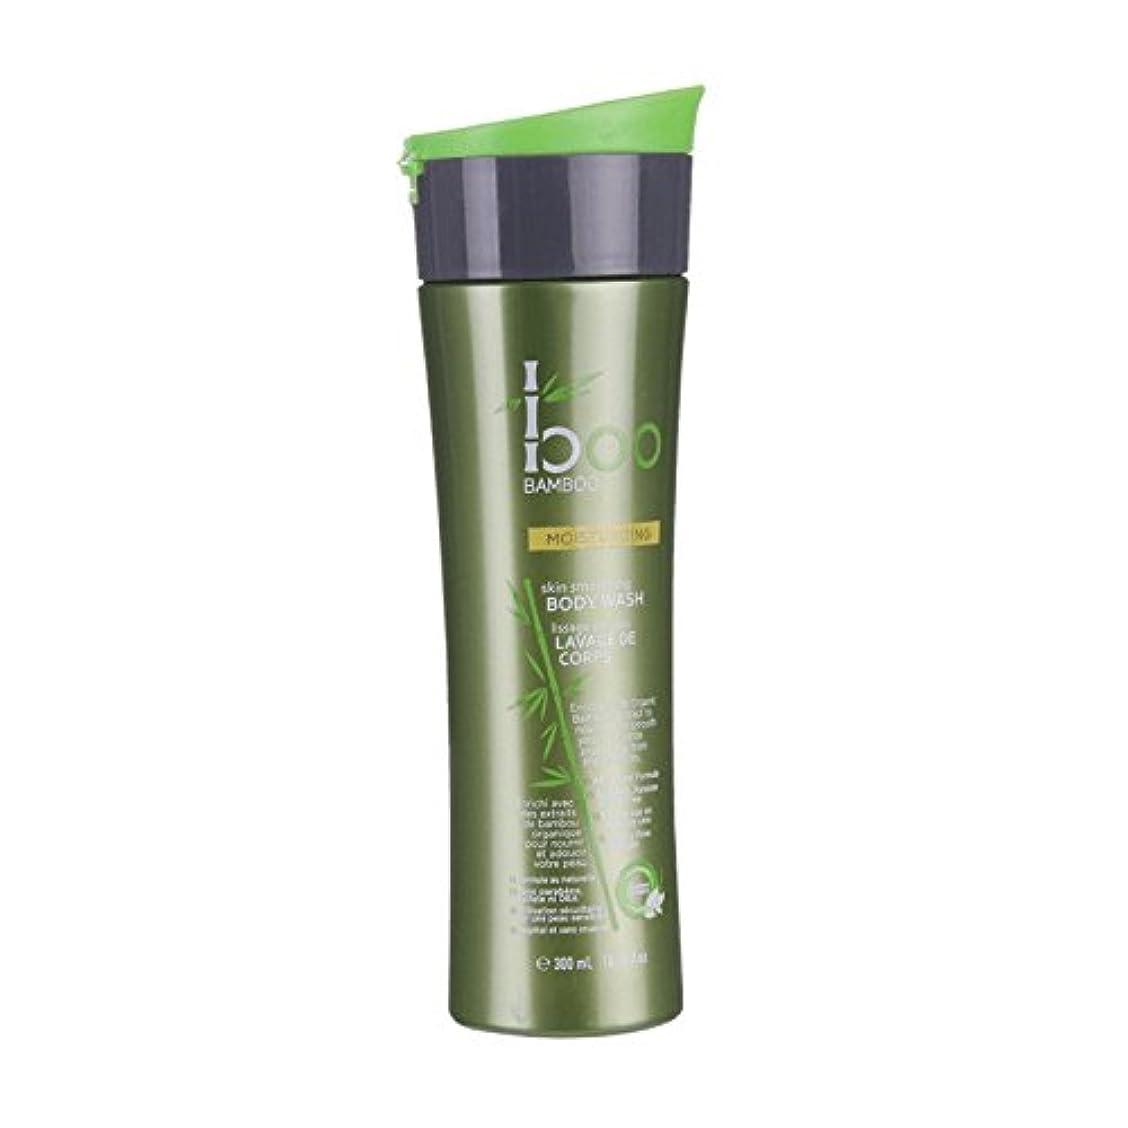 ソファー香り計算するBoo Bamboo Moist Body Wash 300ml (Pack of 2) - 竹しっとりボディウォッシュ300ミリリットルブーイング (x2) [並行輸入品]